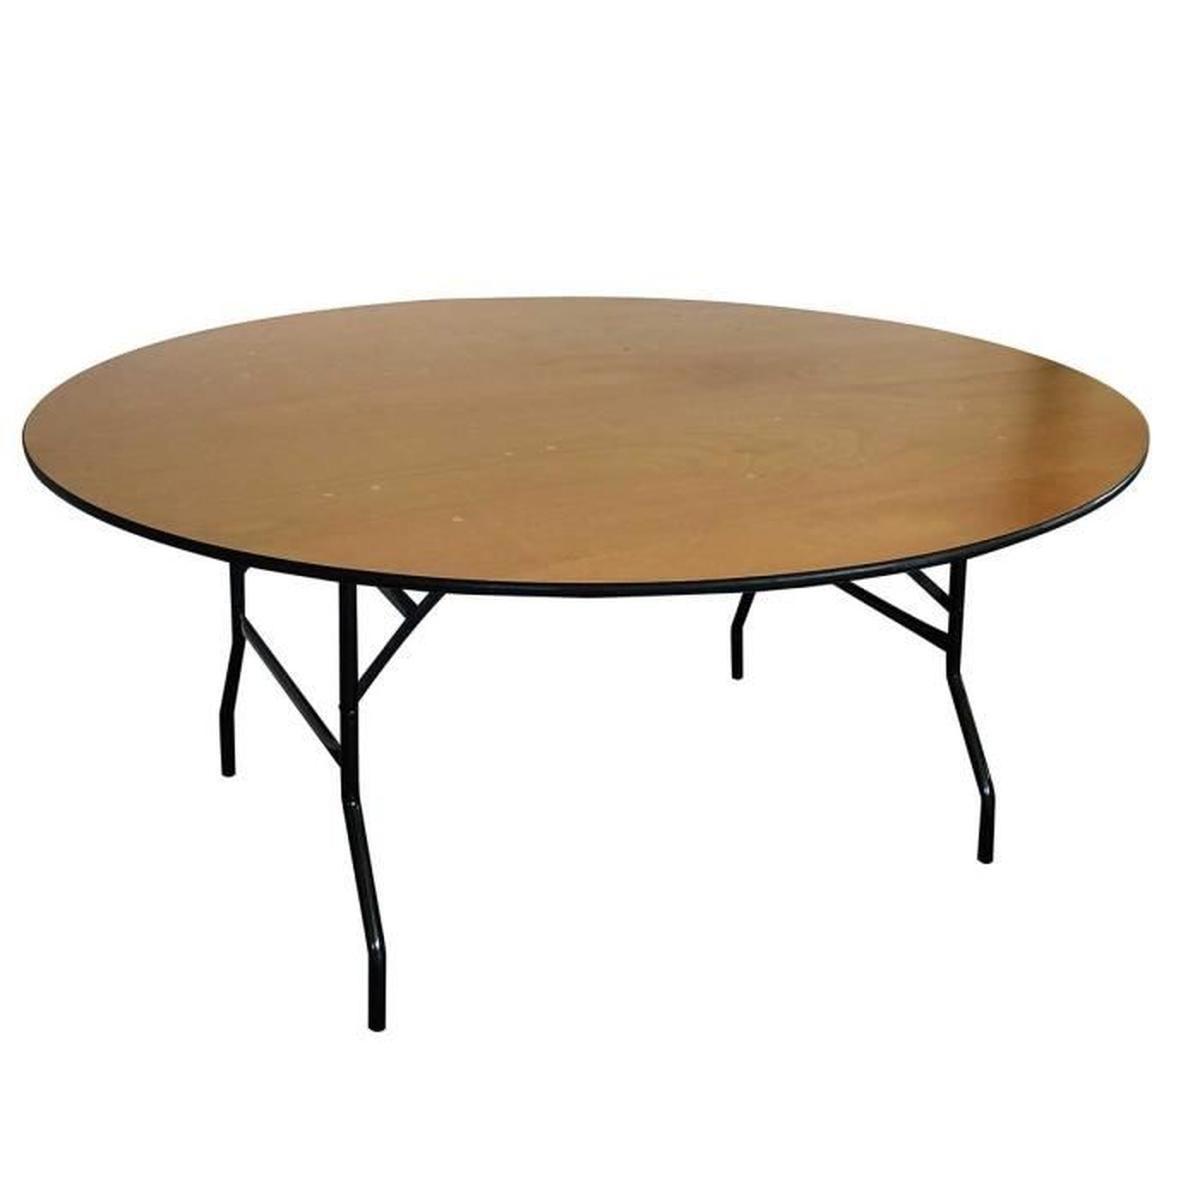 Table Pliante Ronde Bois concernant Table De Jardin En Bois Pliante Pas Cher